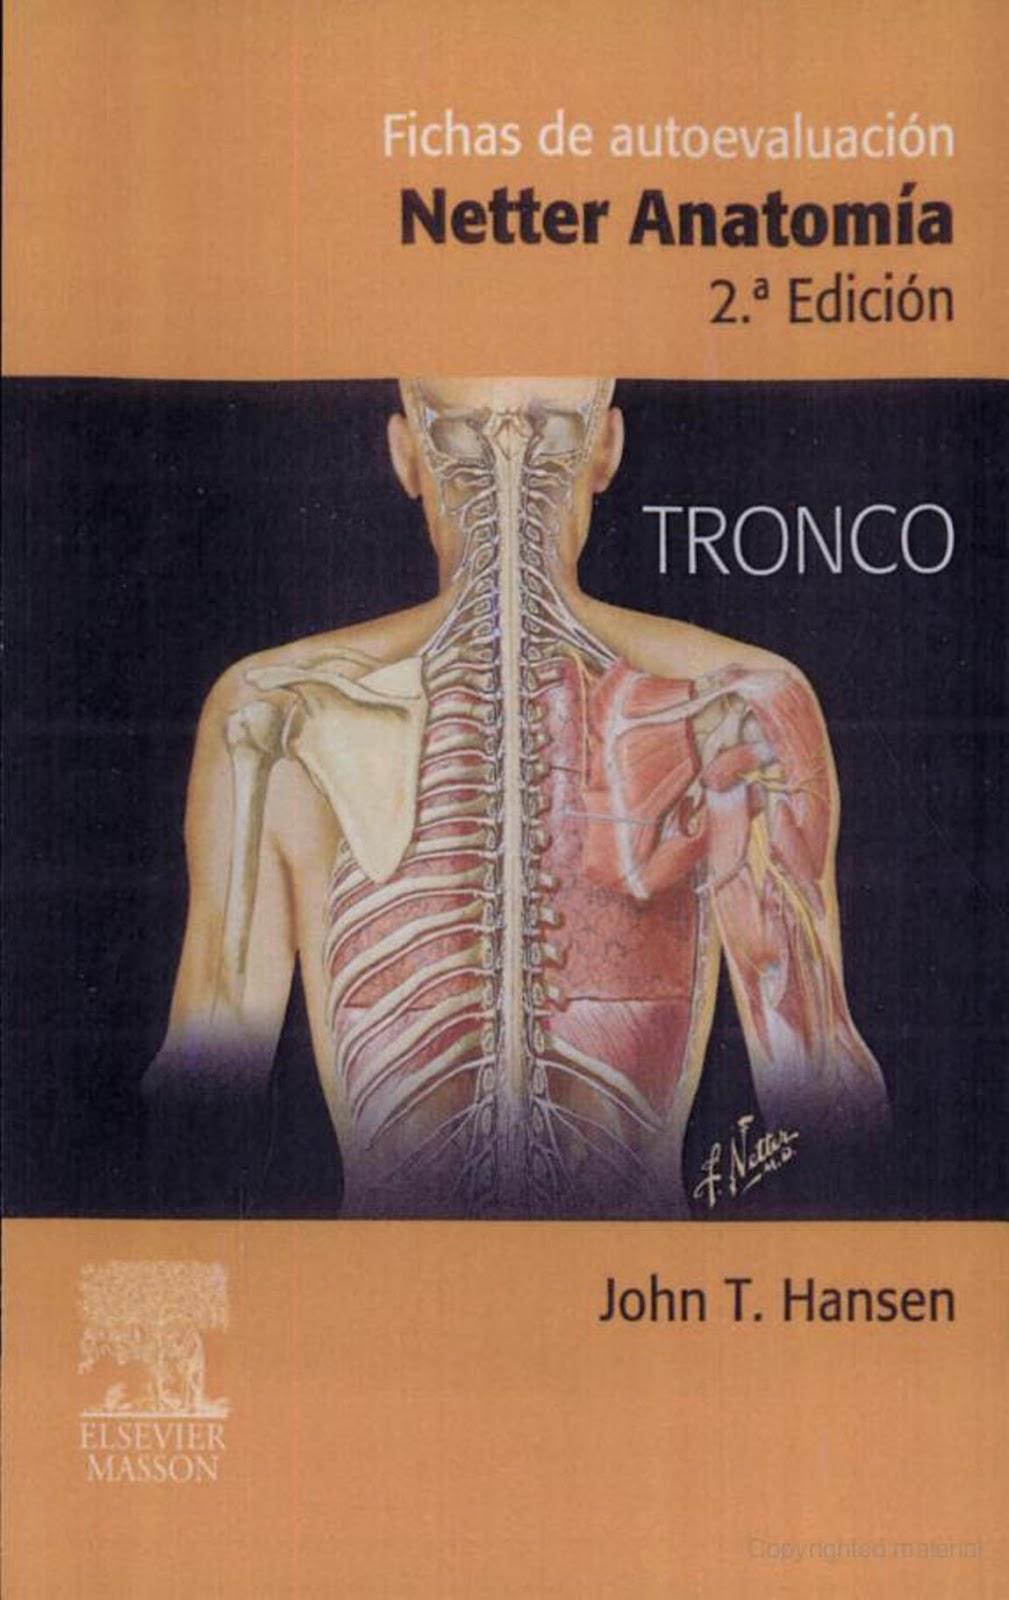 Netter: Anatomía. Fichas de Autoevaluación. Tronco, 2da. Edición ...